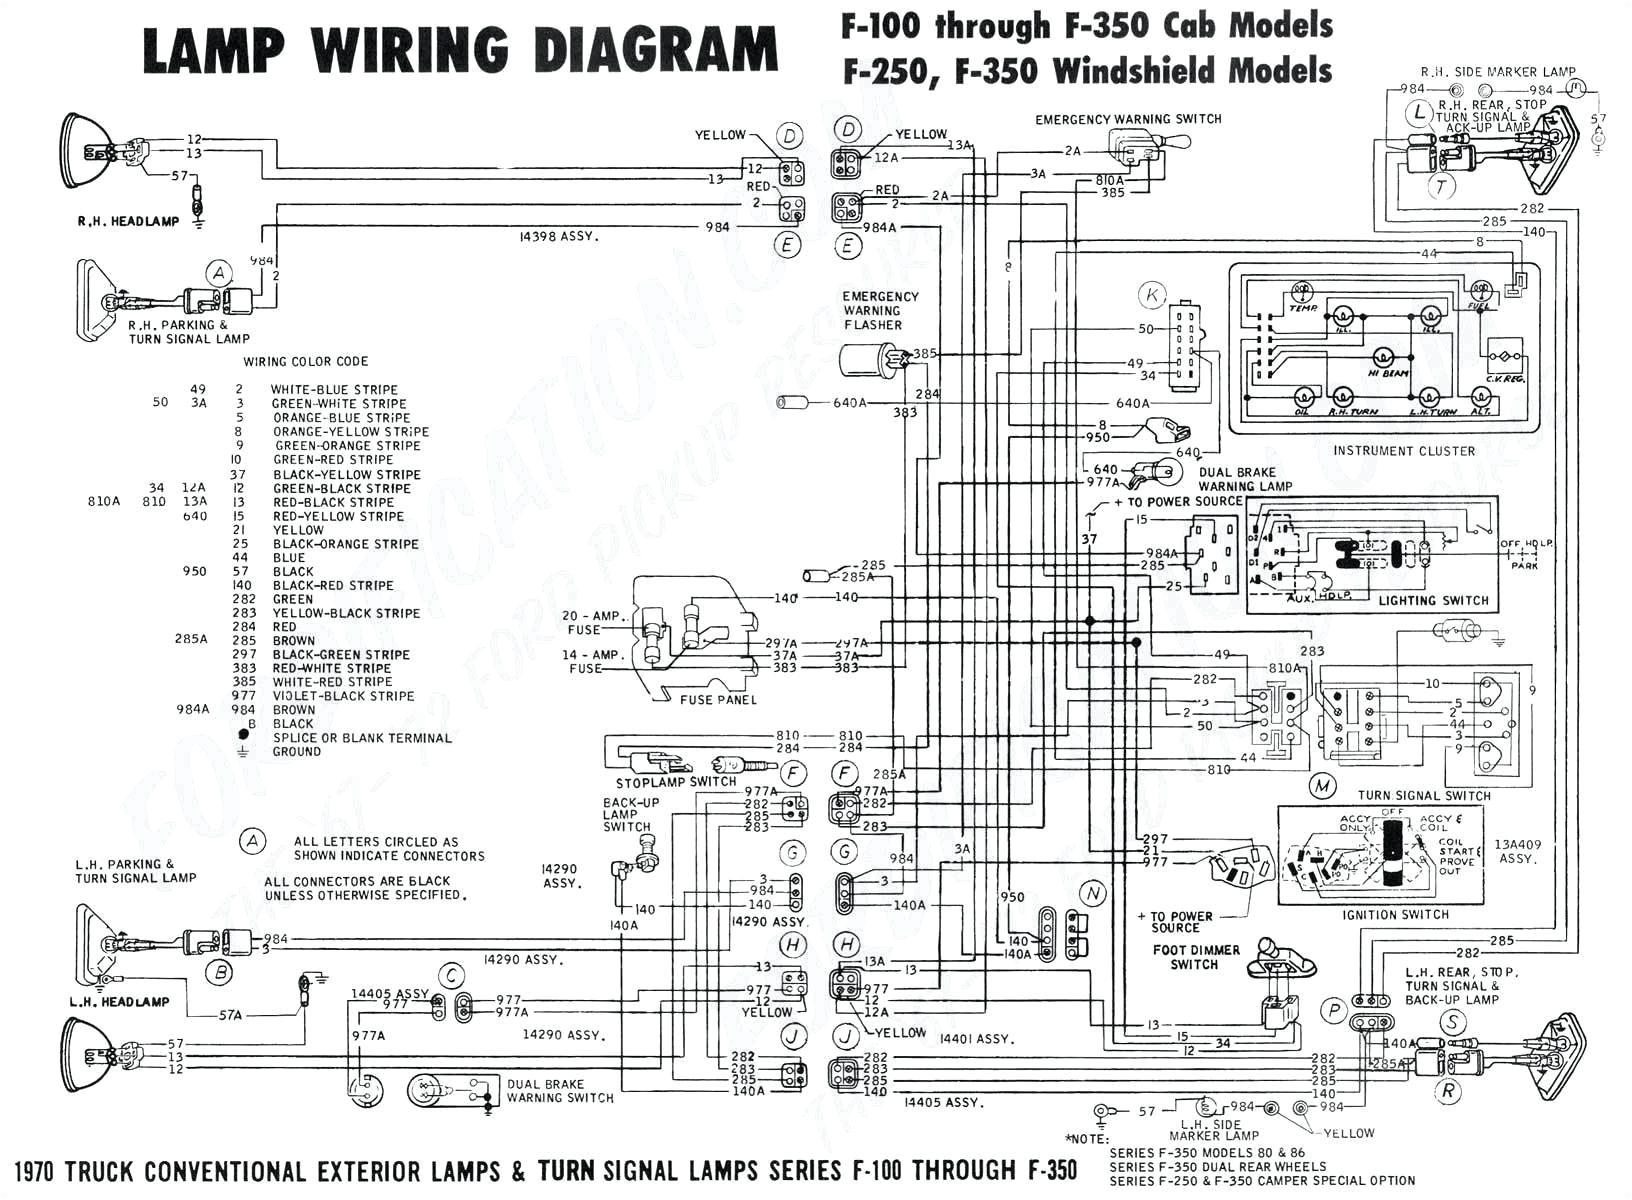 2007 Chevy Silverado Wiring Diagram 2015 Chevy Malibu Tail Light Wiring Schematics Wiring Diagram Expert